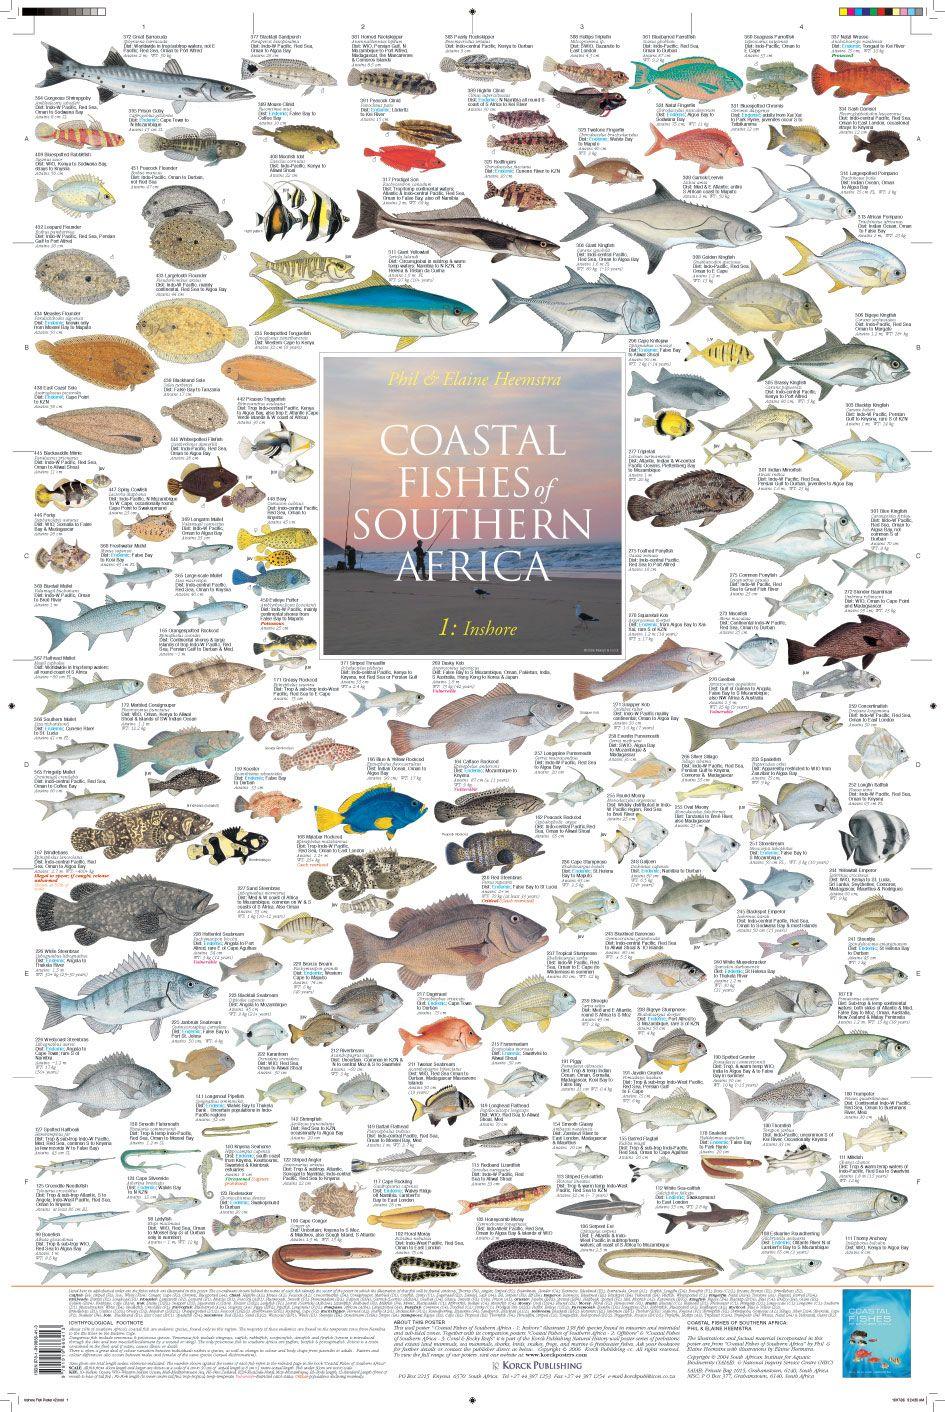 """""""Coastal Fishes of Southern Africa - 1: Inshore"""" (2010 Korck Publishing)"""